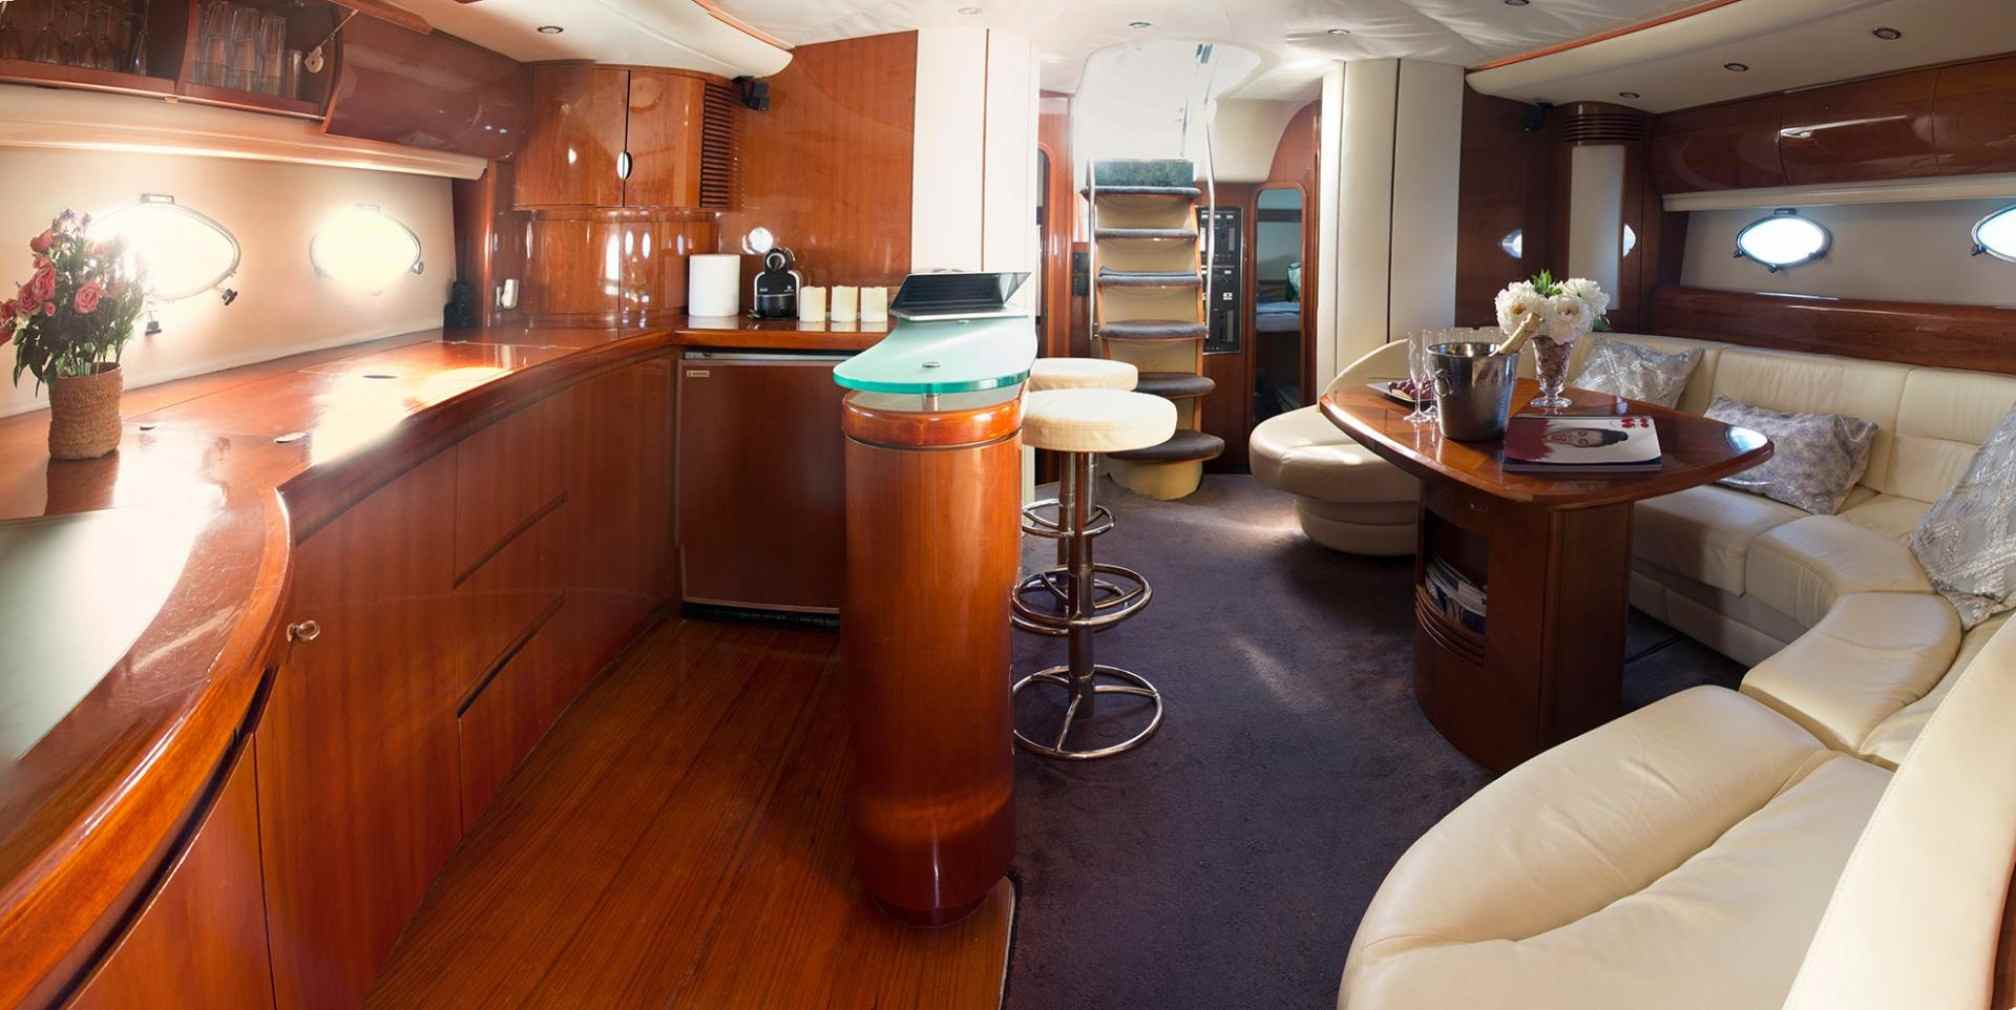 Princess V65 Manzana yacht charter salon